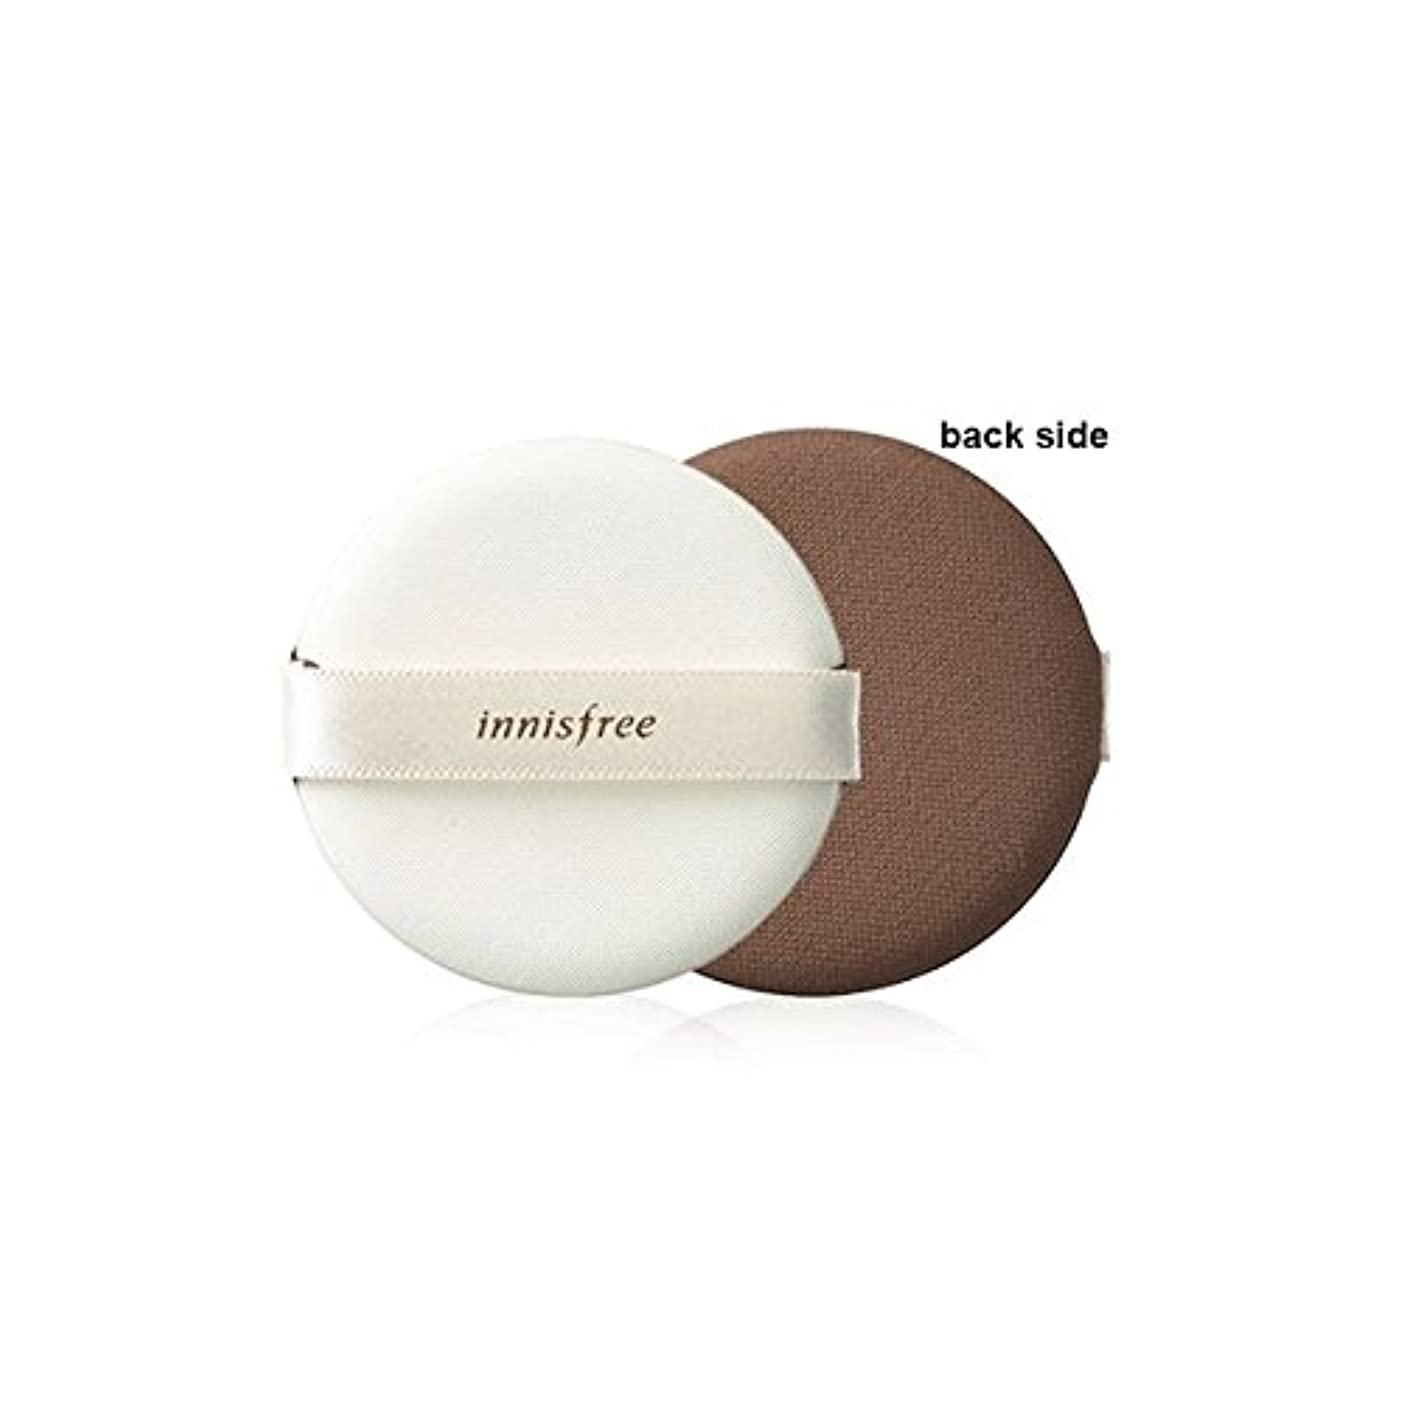 列挙する熟すスモッグ[イニスプリー] Innisfree エアマジックパフ-密着 [Innisfree] Eco Beauty Tool Air Magic Puff-Fitting [海外直送品]